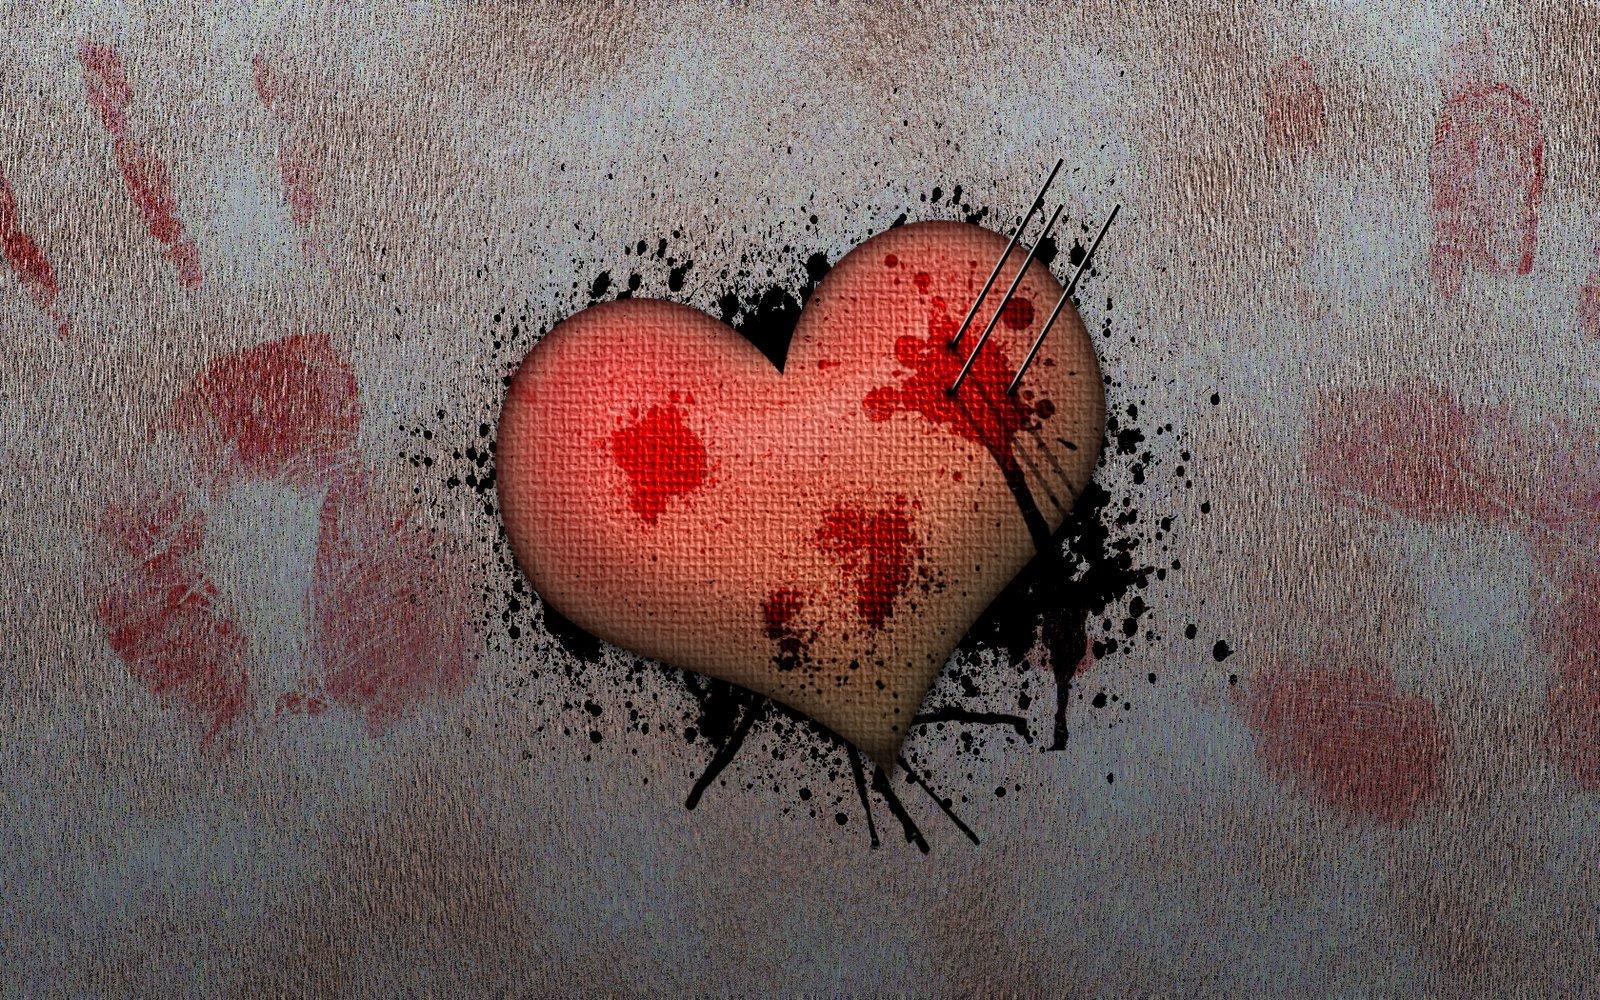 http://2.bp.blogspot.com/-sAsRPH0T6w0/TtdXld34ixI/AAAAAAAALdQ/BfvJuPSKlvM/s1600/104133%252Cxcitefun-heart-wallpapers-2.jpg